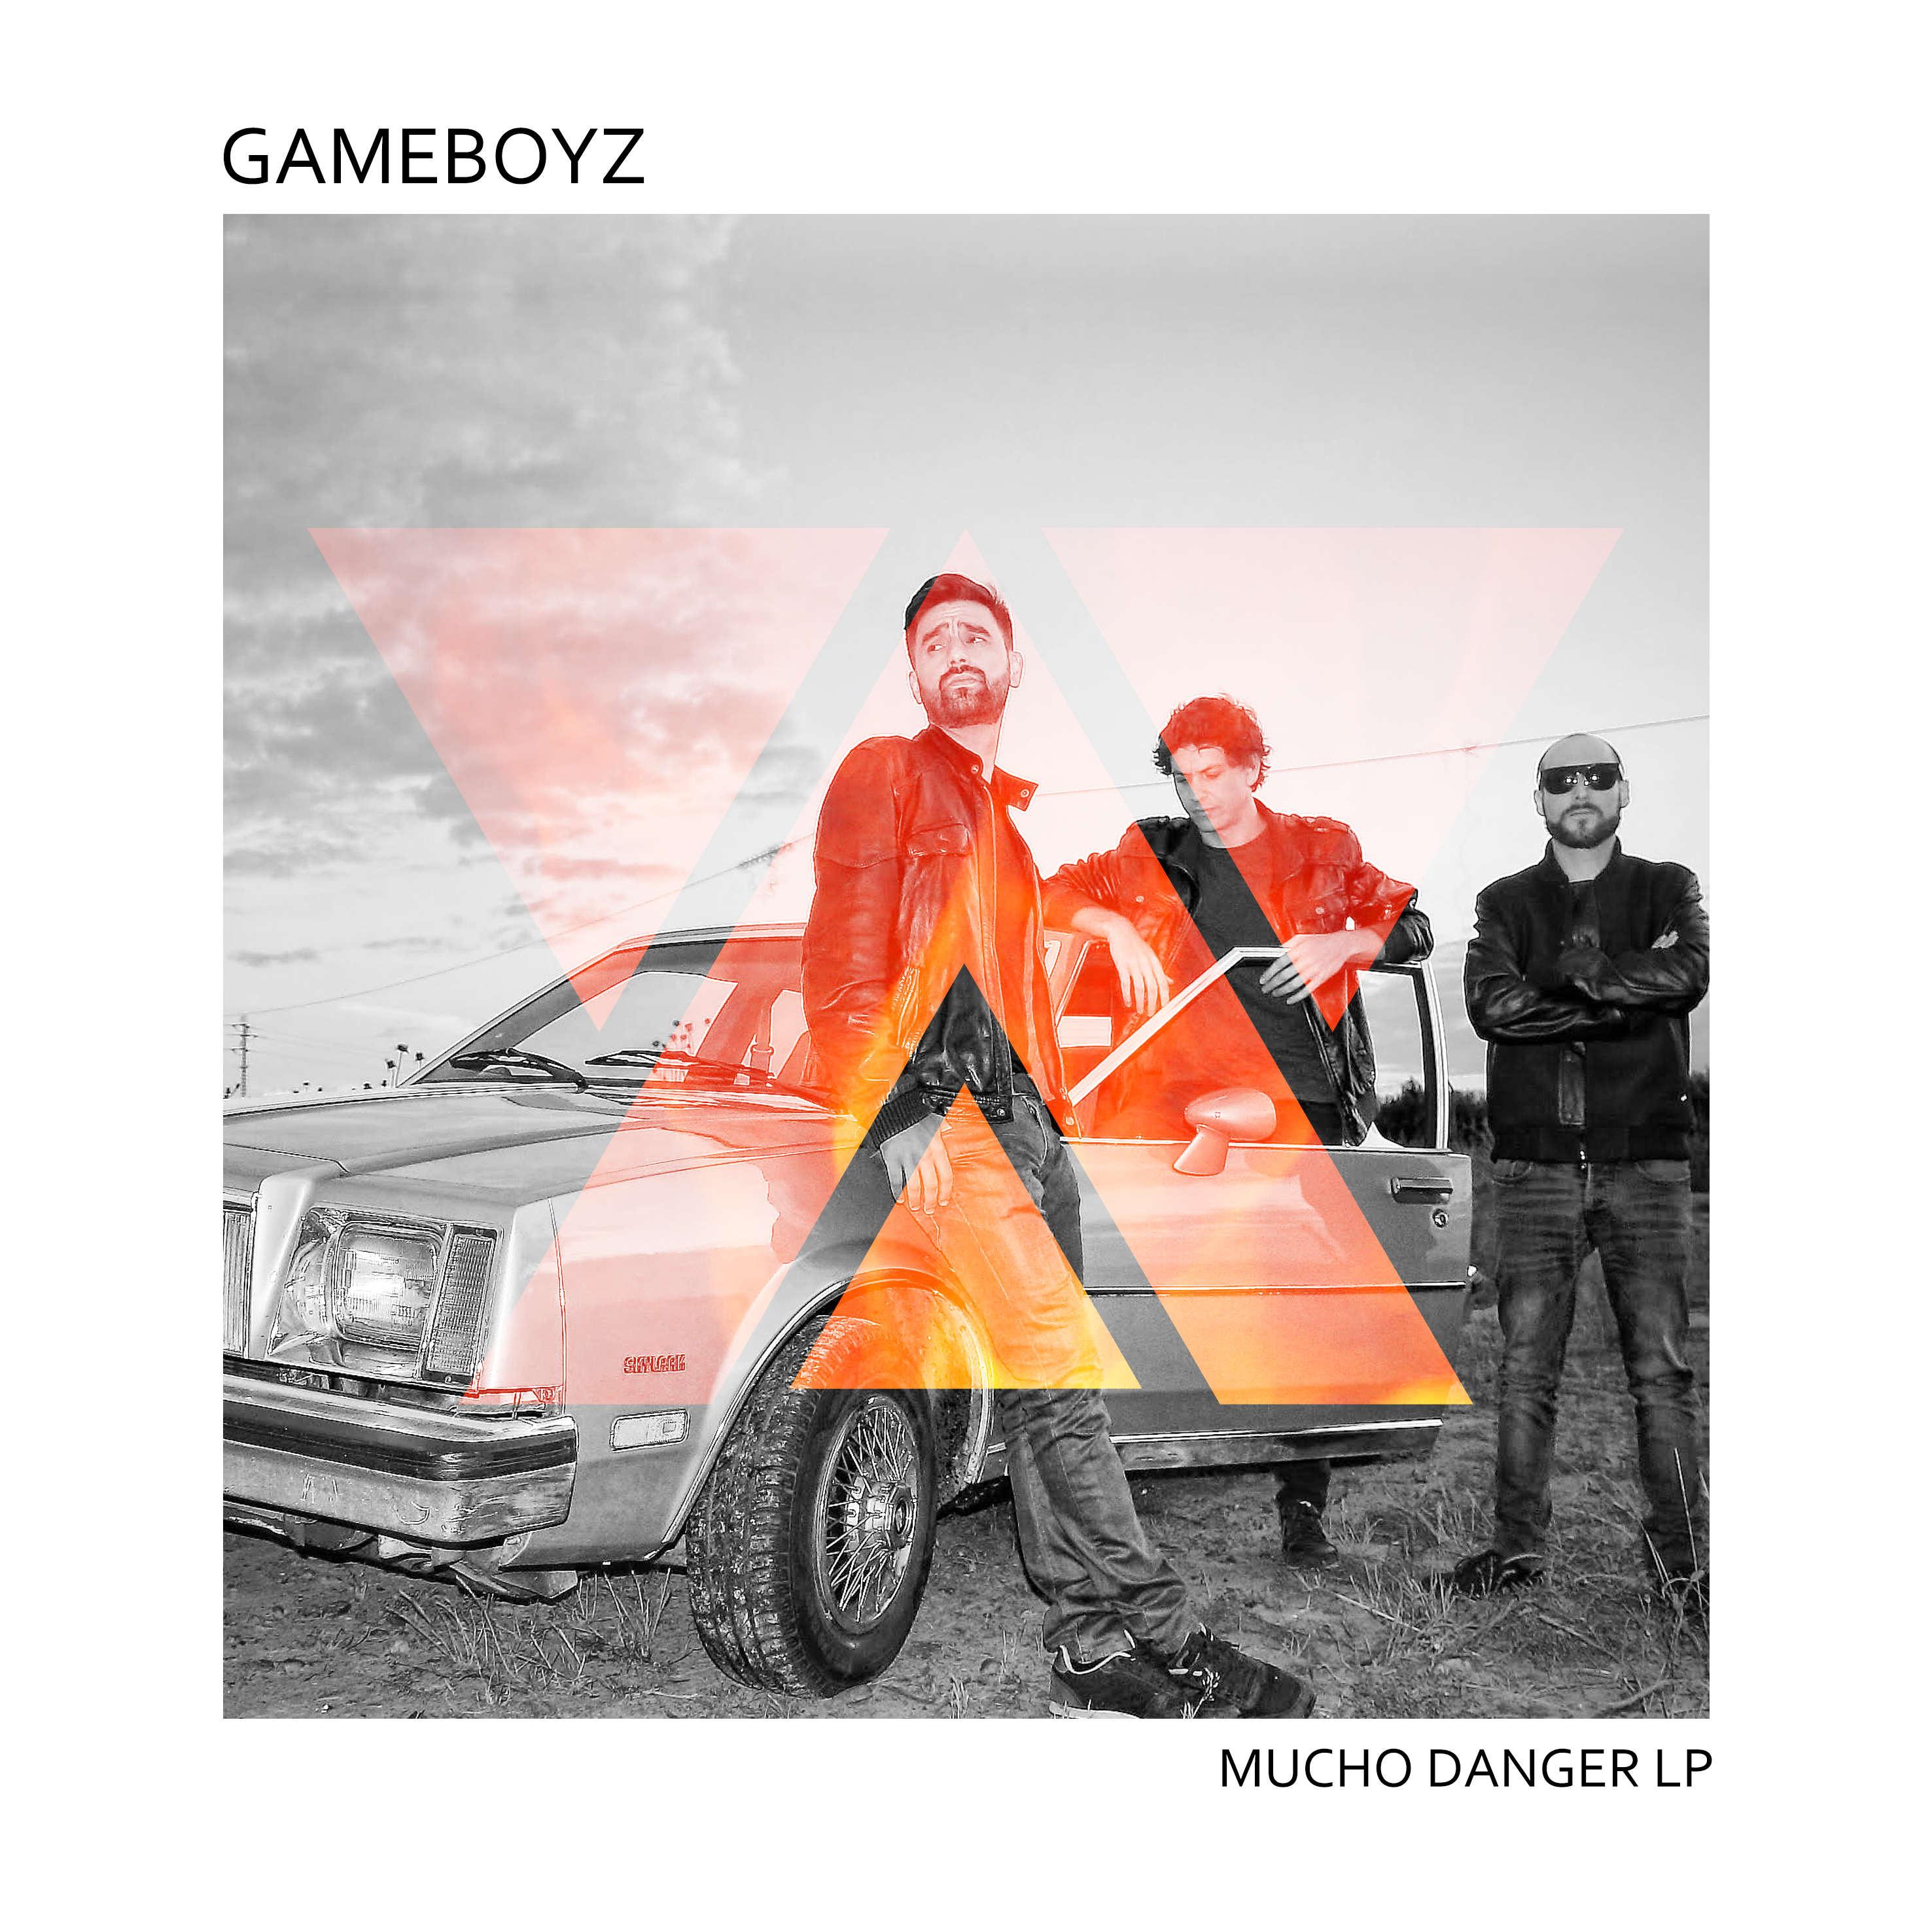 Gameboyz - Mucho Danger Videoclip (Teaser)